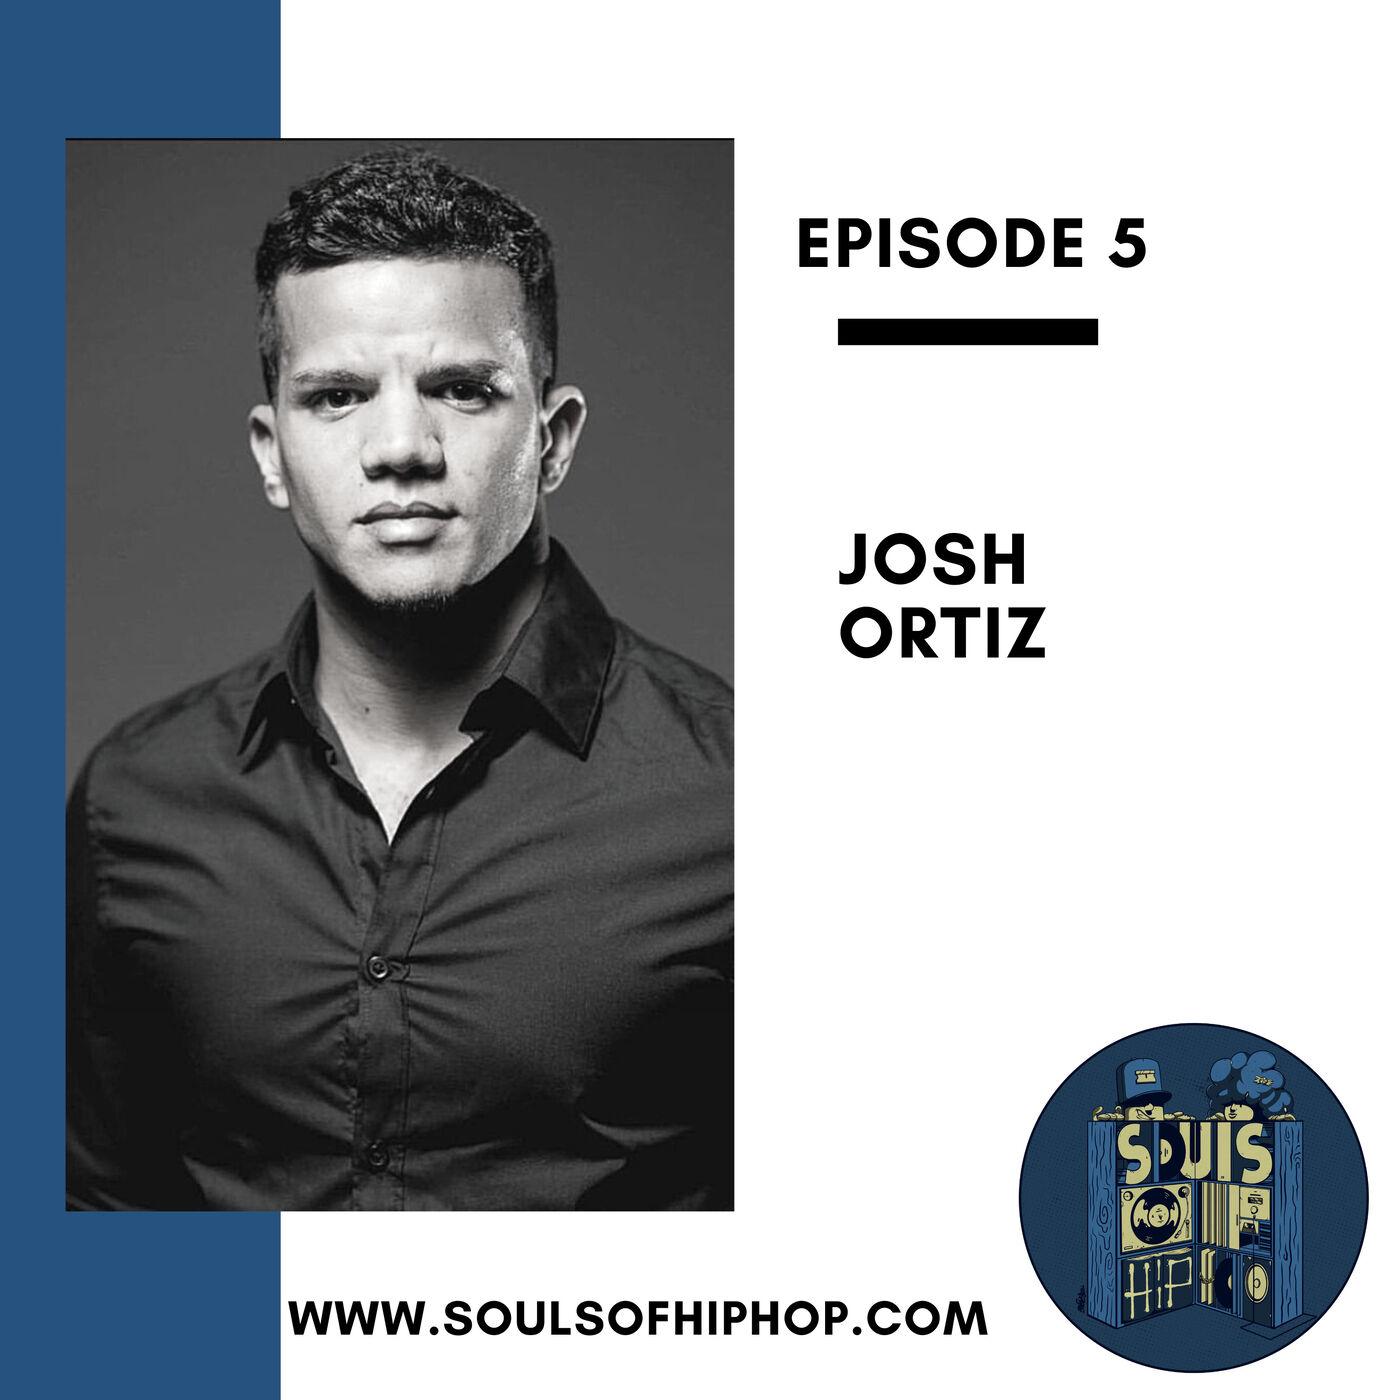 B-Boy Josh Ortiz